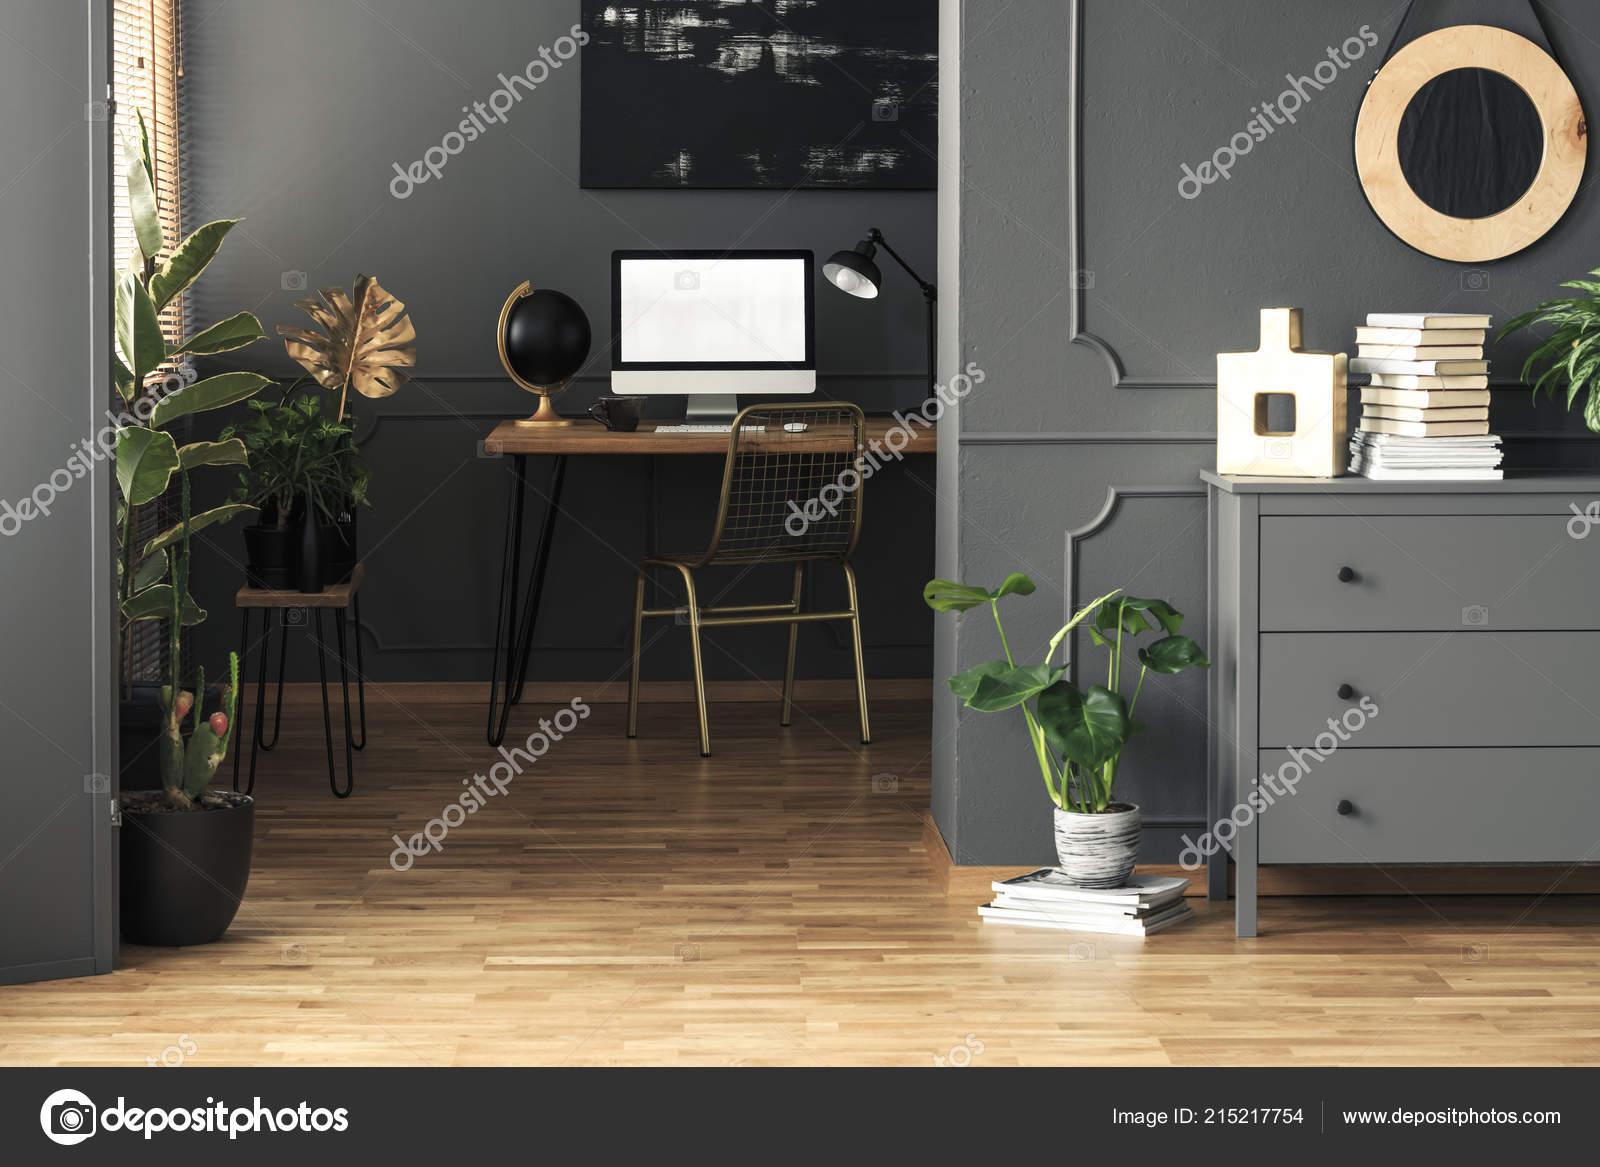 Runder Spiegel Oben Grau Schrank Neben Pflanzen Home Office ...